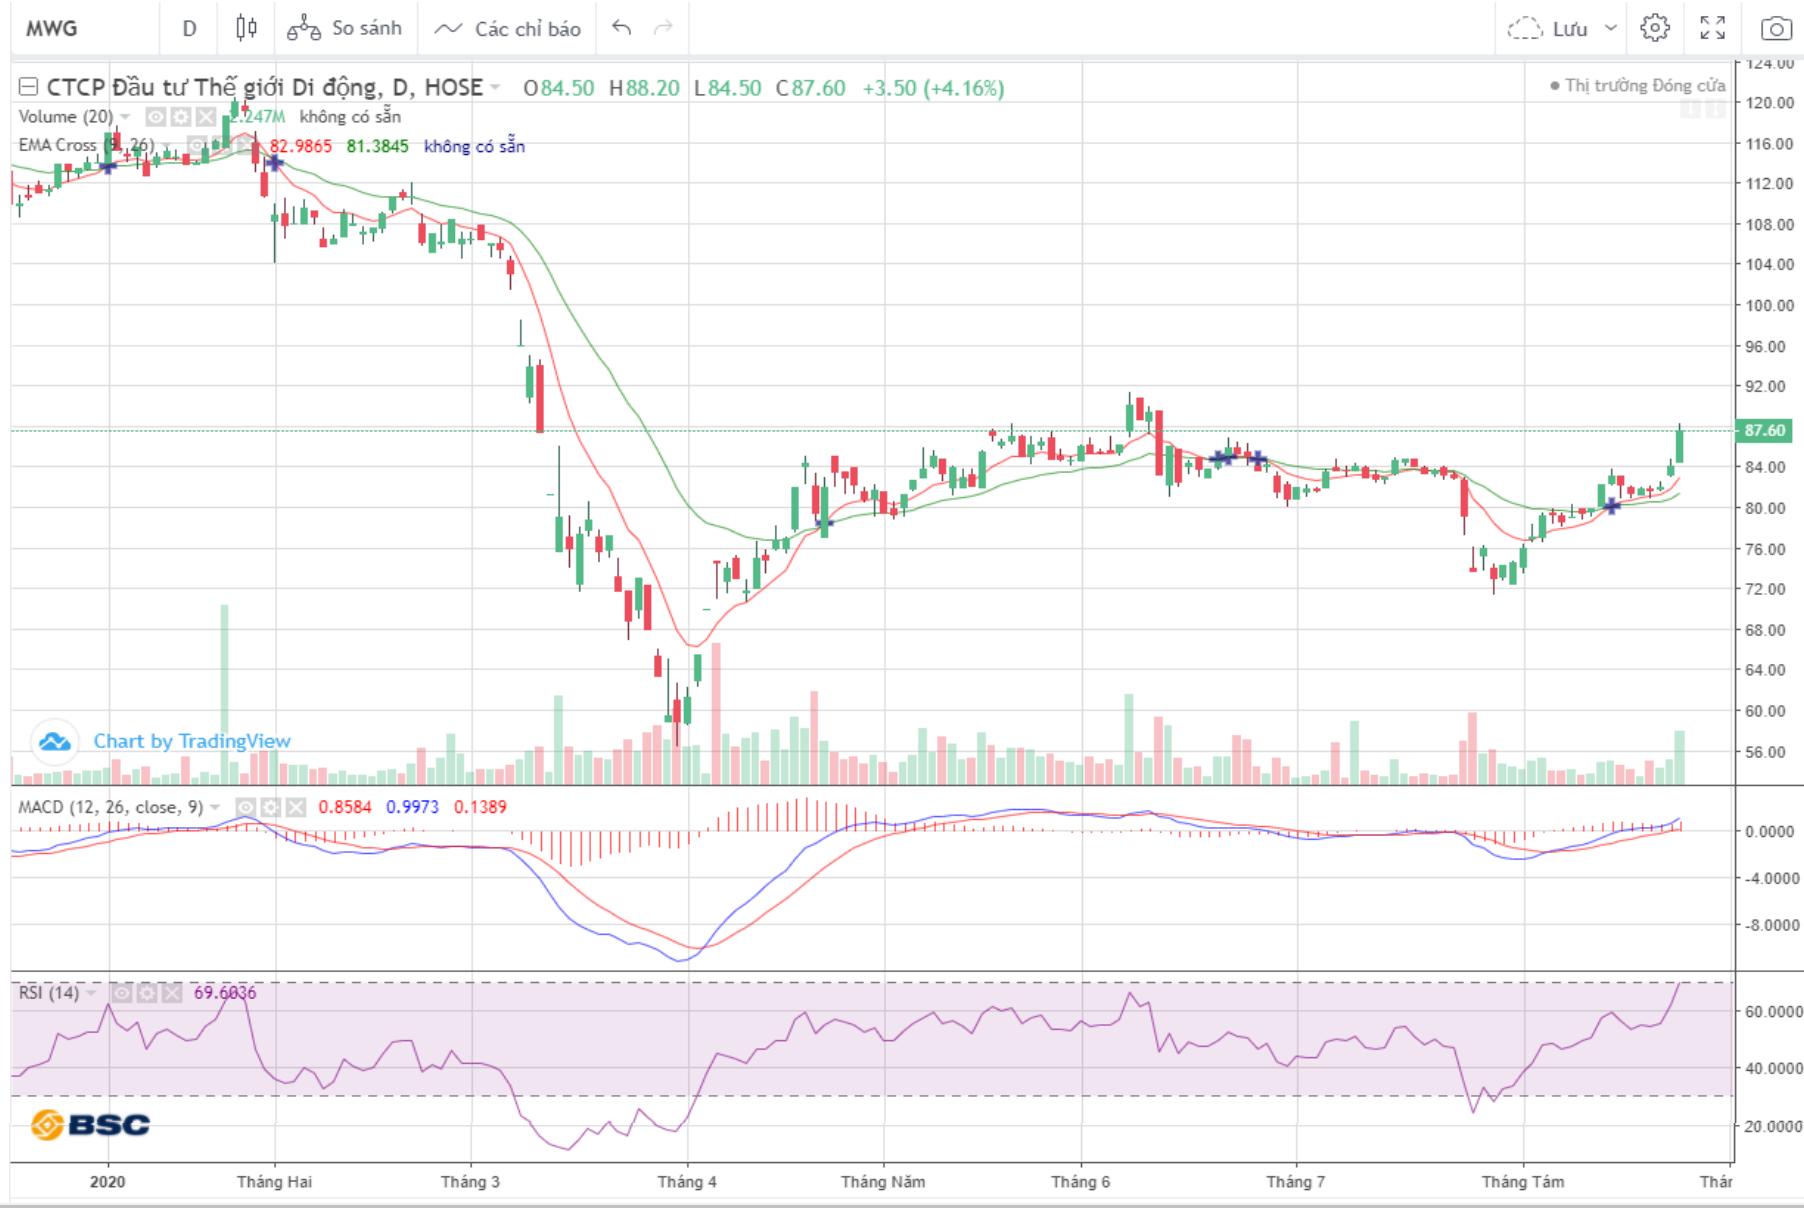 Cổ phiếu tâm điểm ngày 26/8: MWG, GAS, GTN, DTD - Ảnh 2.